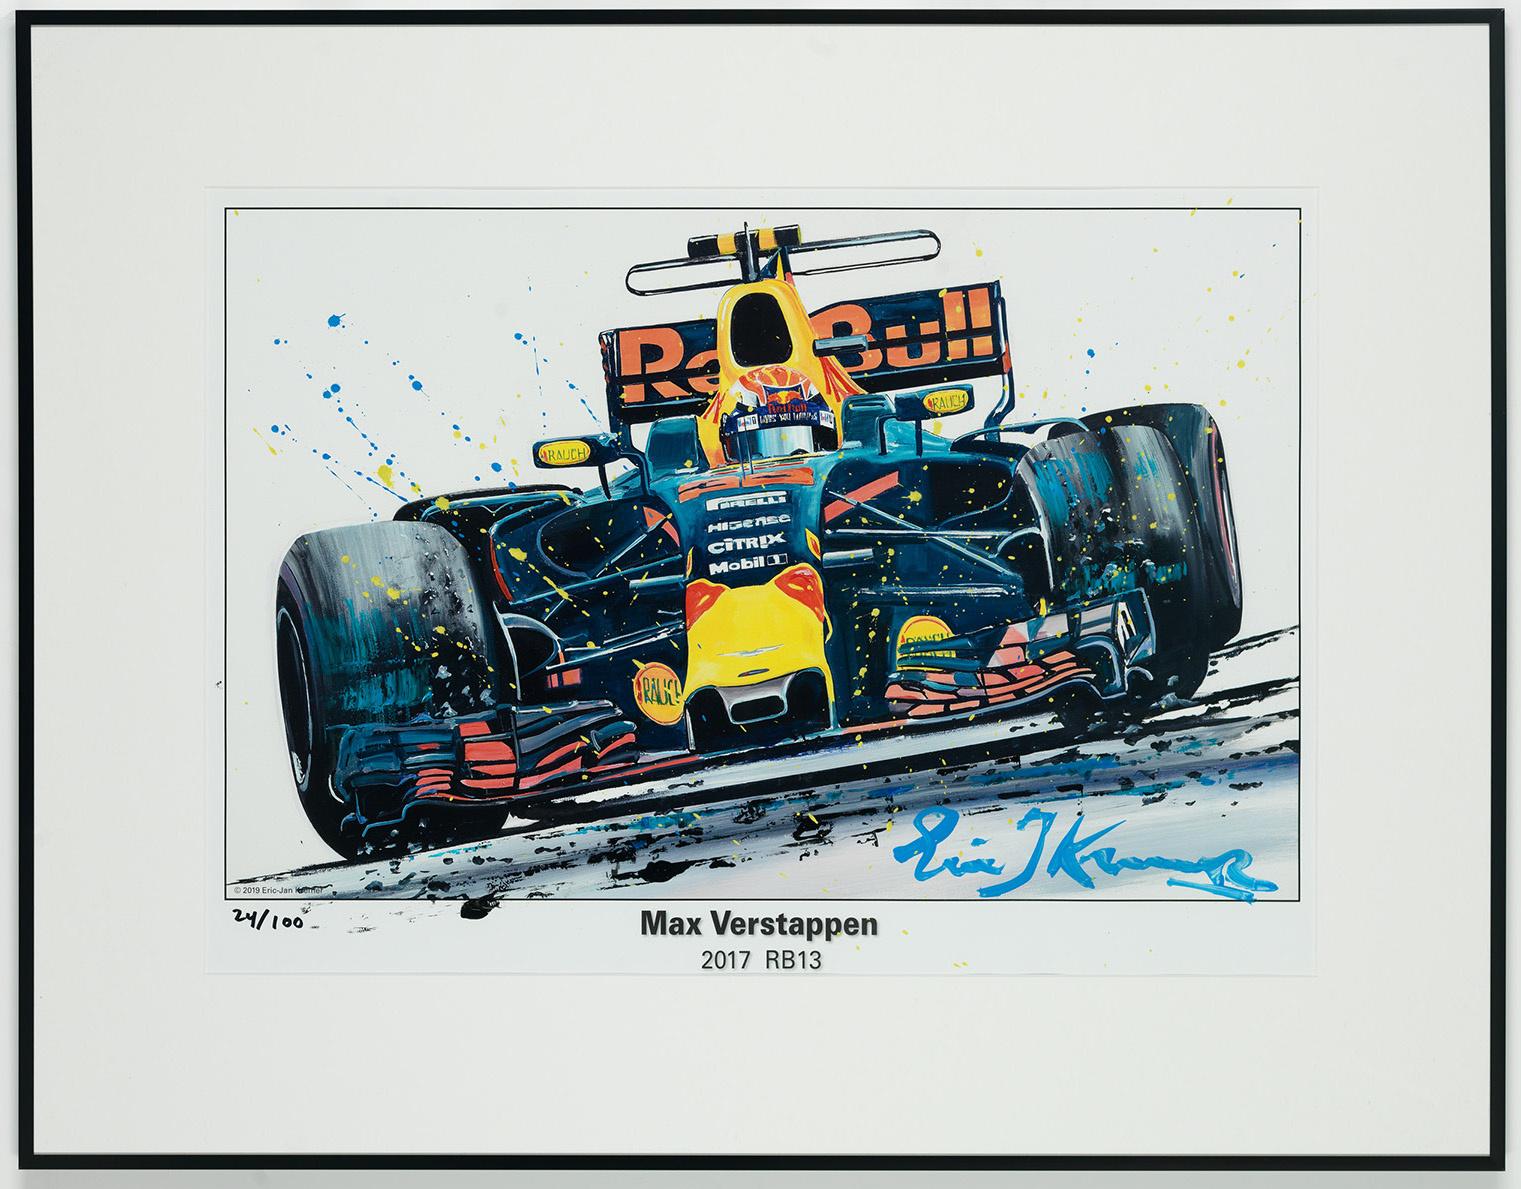 Max Verstappen Litho + Artwork RB13 - 2017 | Red Bull Racing